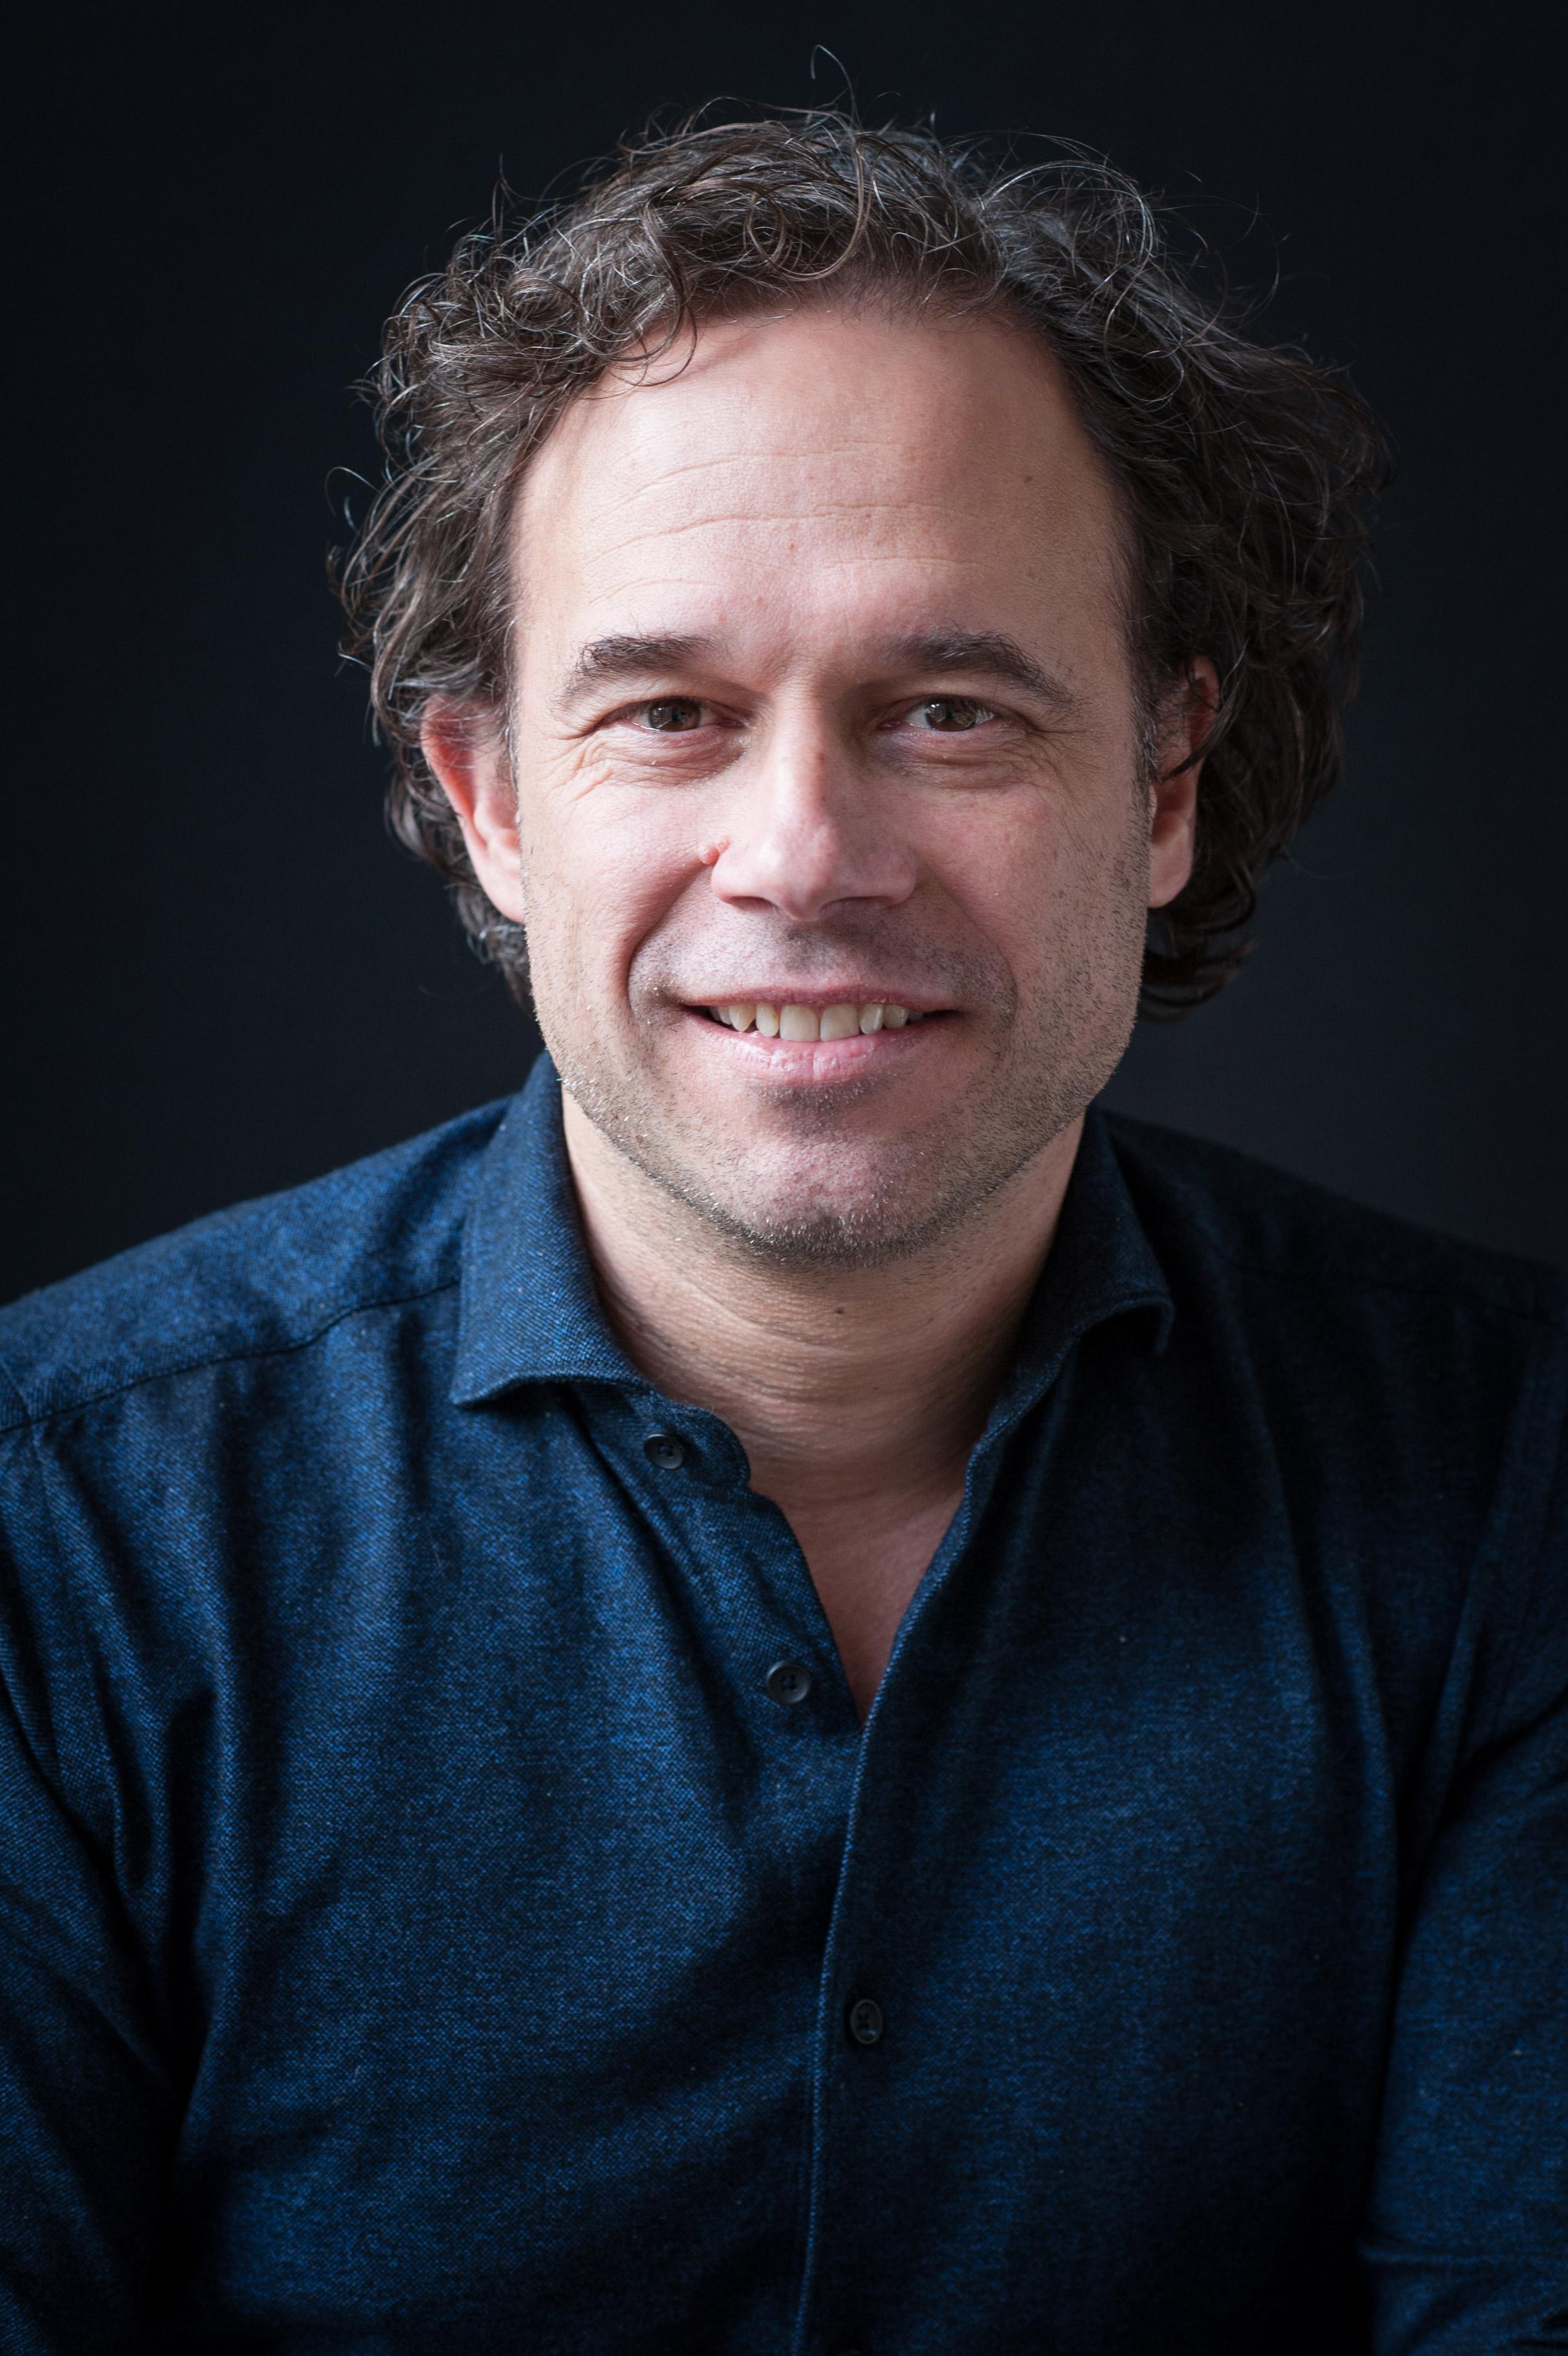 Arnaud van der Vecht